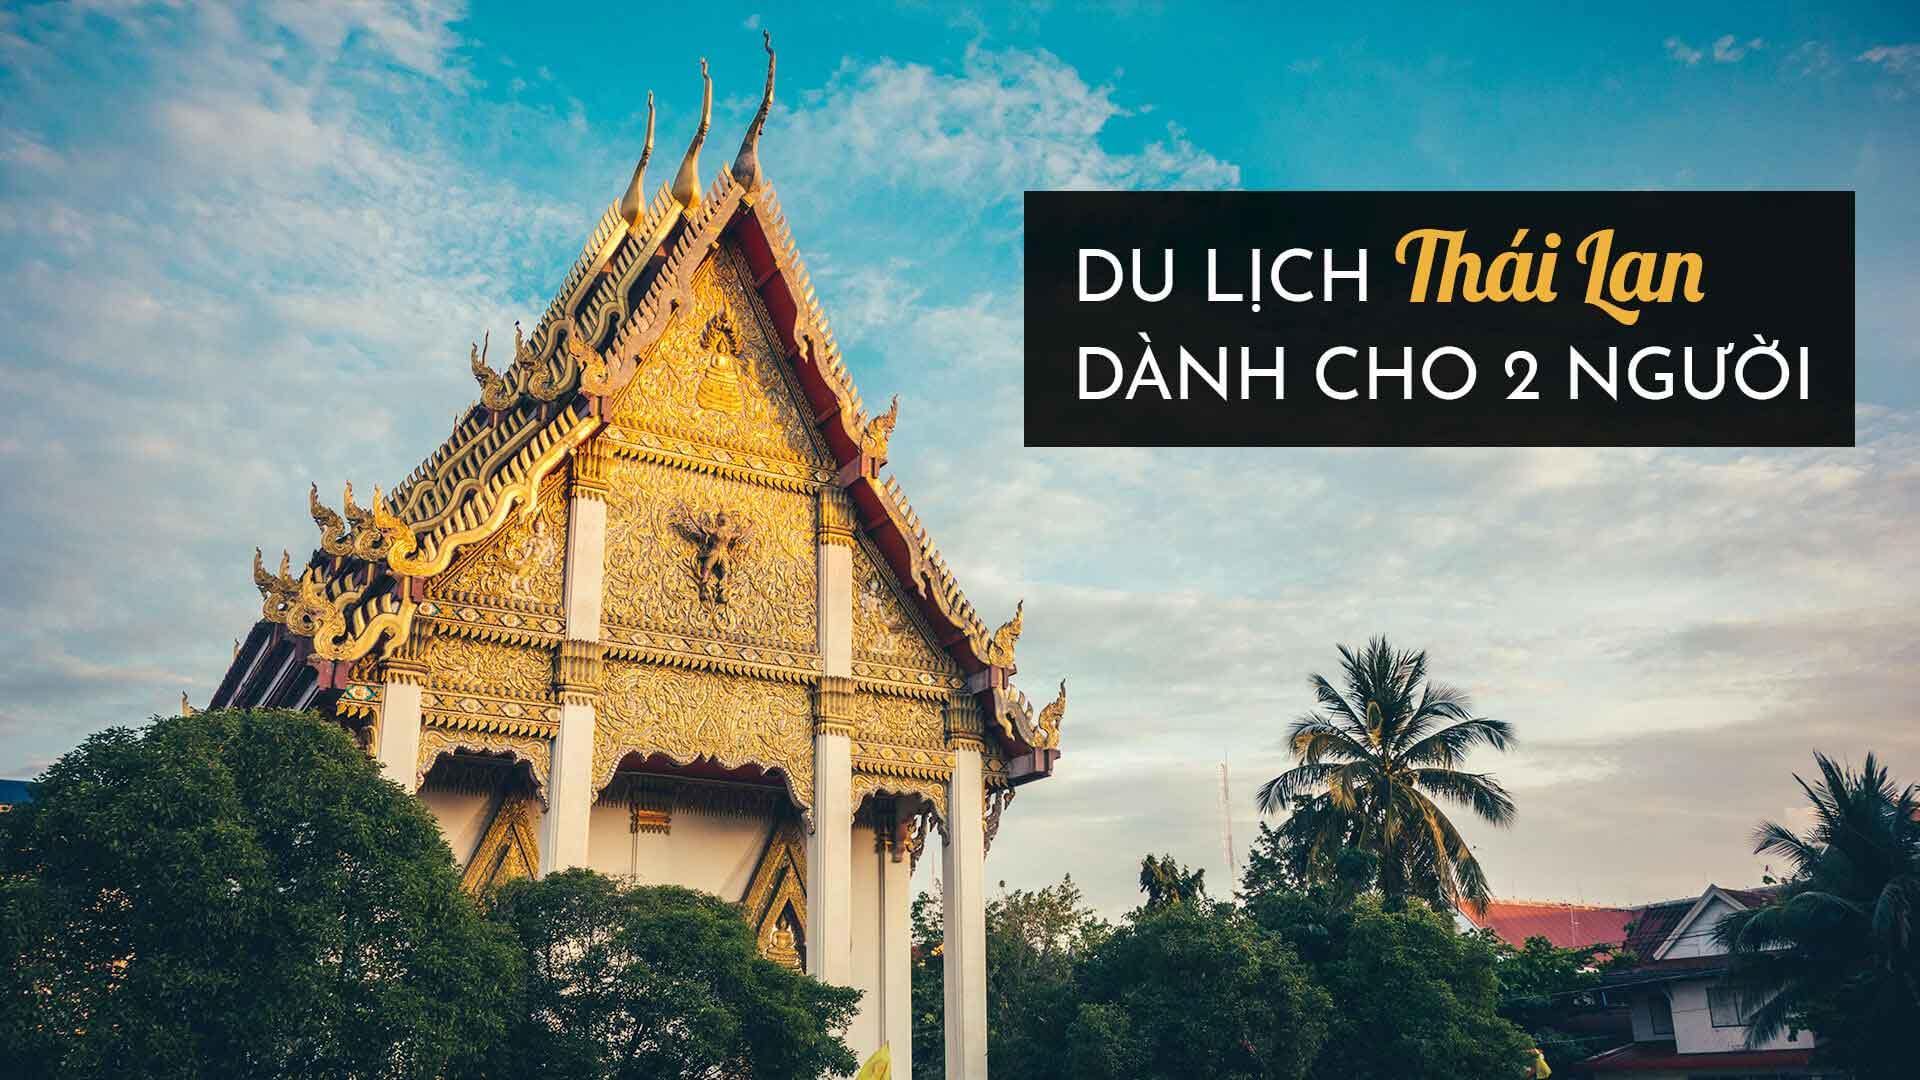 Tour du lịch Thái Lan dành cho 2 người giá rẻ, siêu tiết kiệm